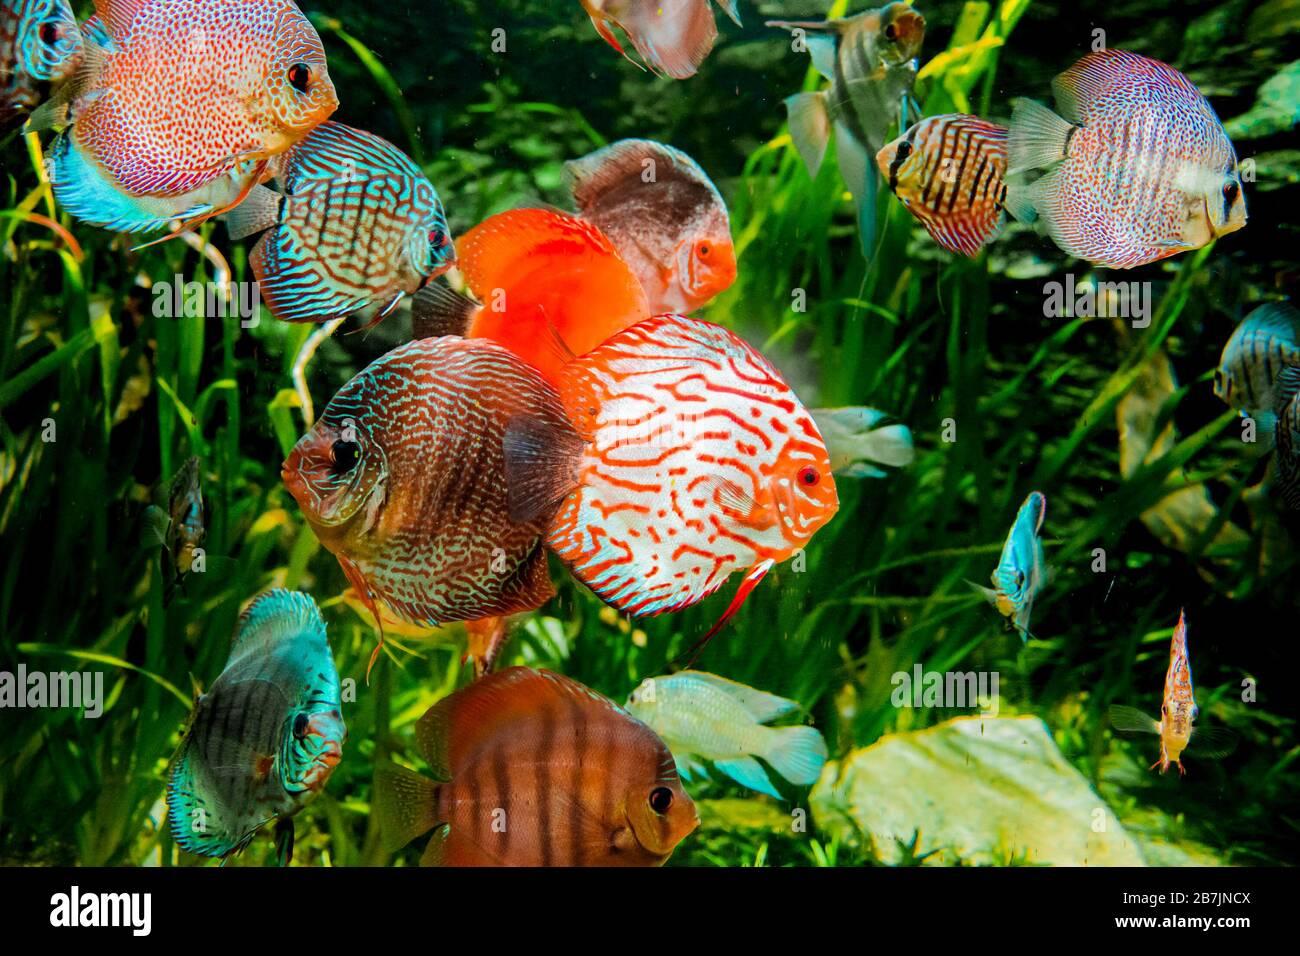 peces discus en acuario, peces tropicales. Symphysodon disco del río Amazonas. Diamante azul, piel de serpiente, turquesa rojo y mucho más Foto de stock